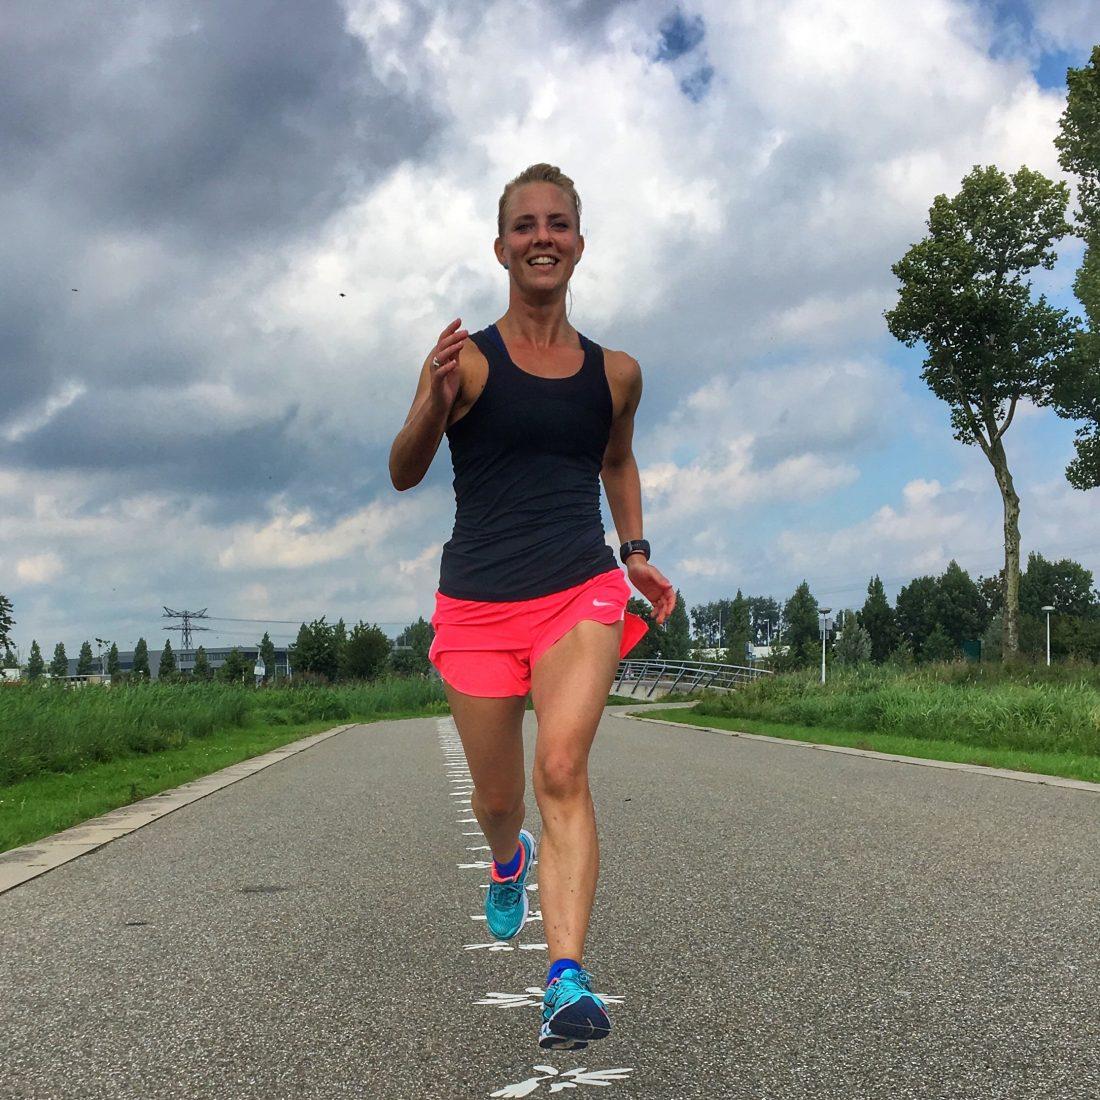 Duurloop in Utrecht - 32 km 4 keer hetzelfde rondje..